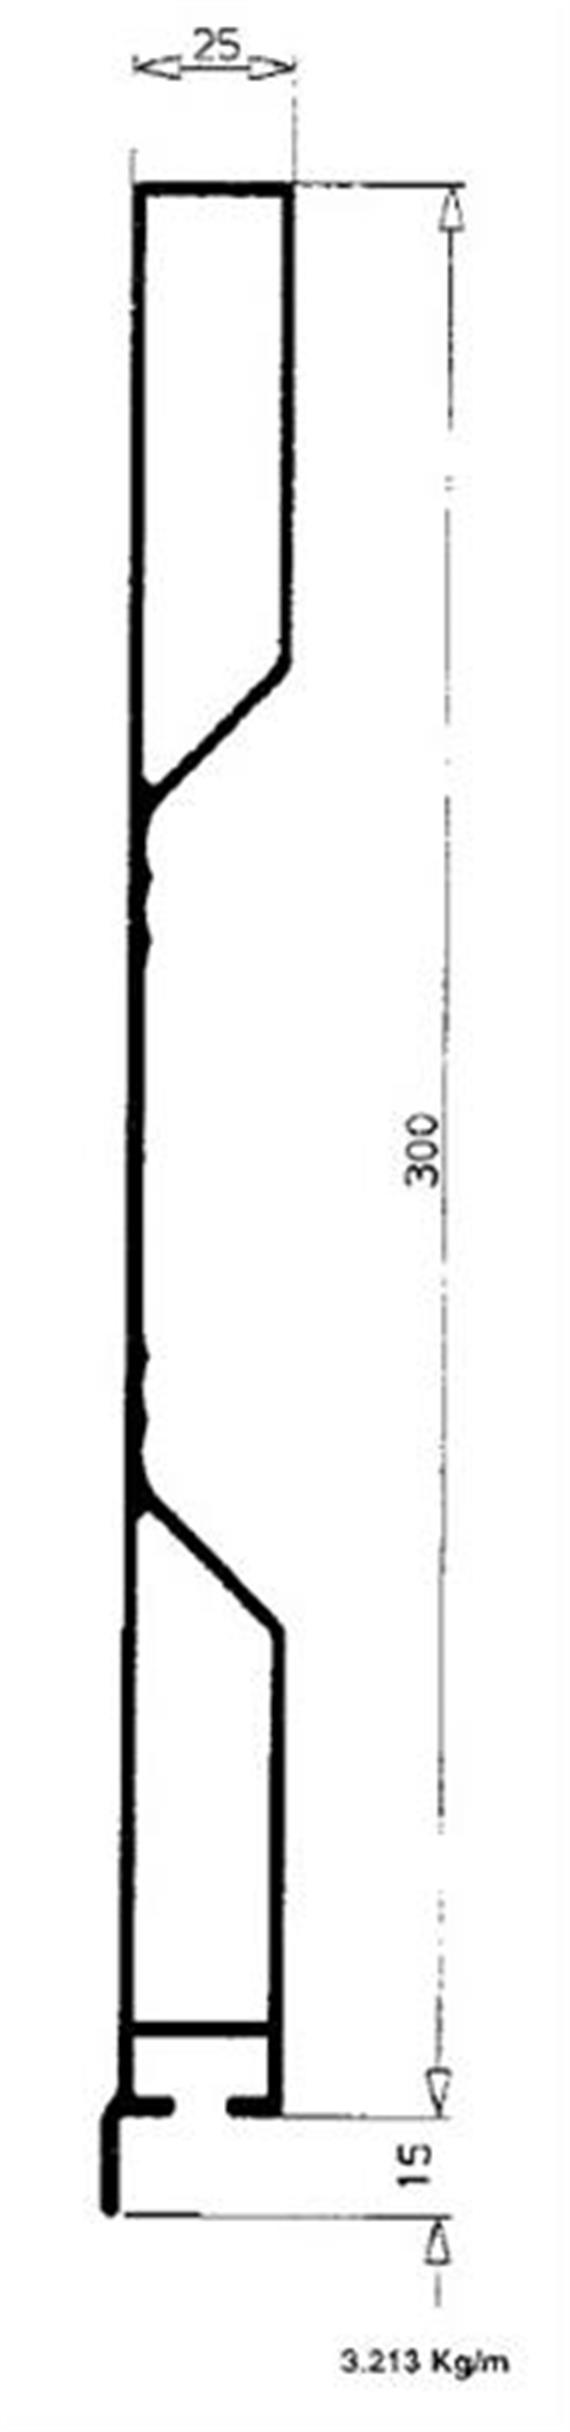 Bordwand einteilig 25 x 300 mm Zoll elox L=4500mm